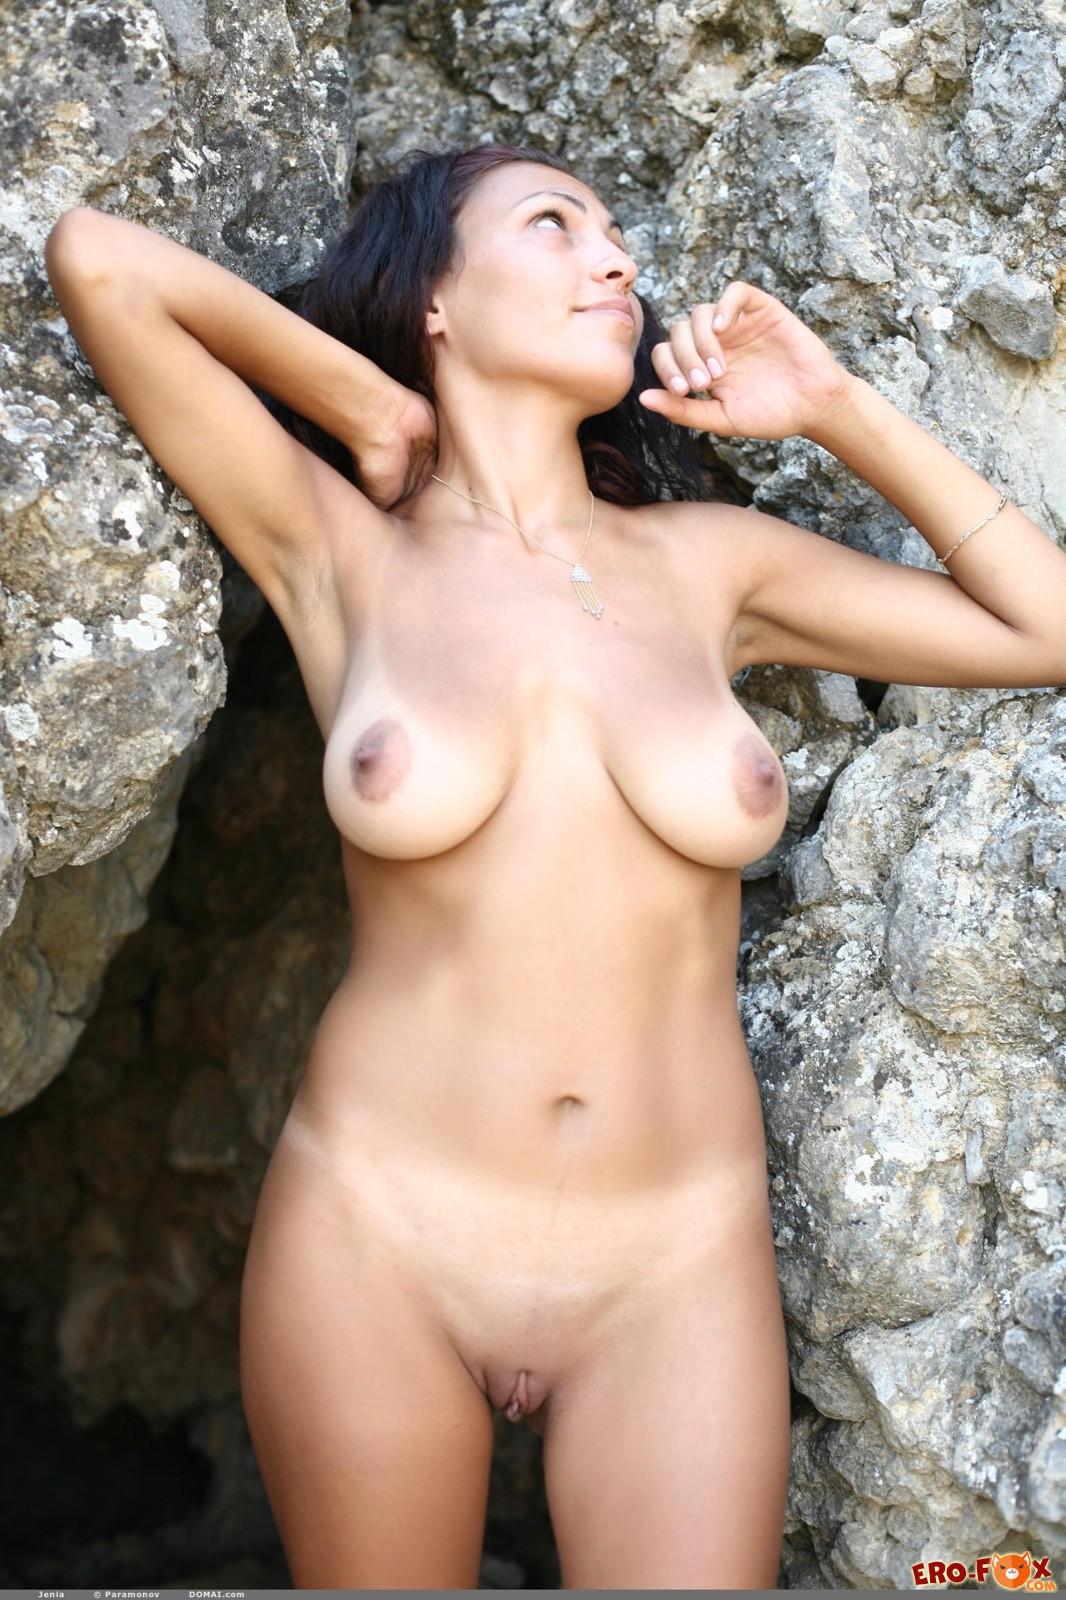 Девушка в шортах показала висячую грудь на природе